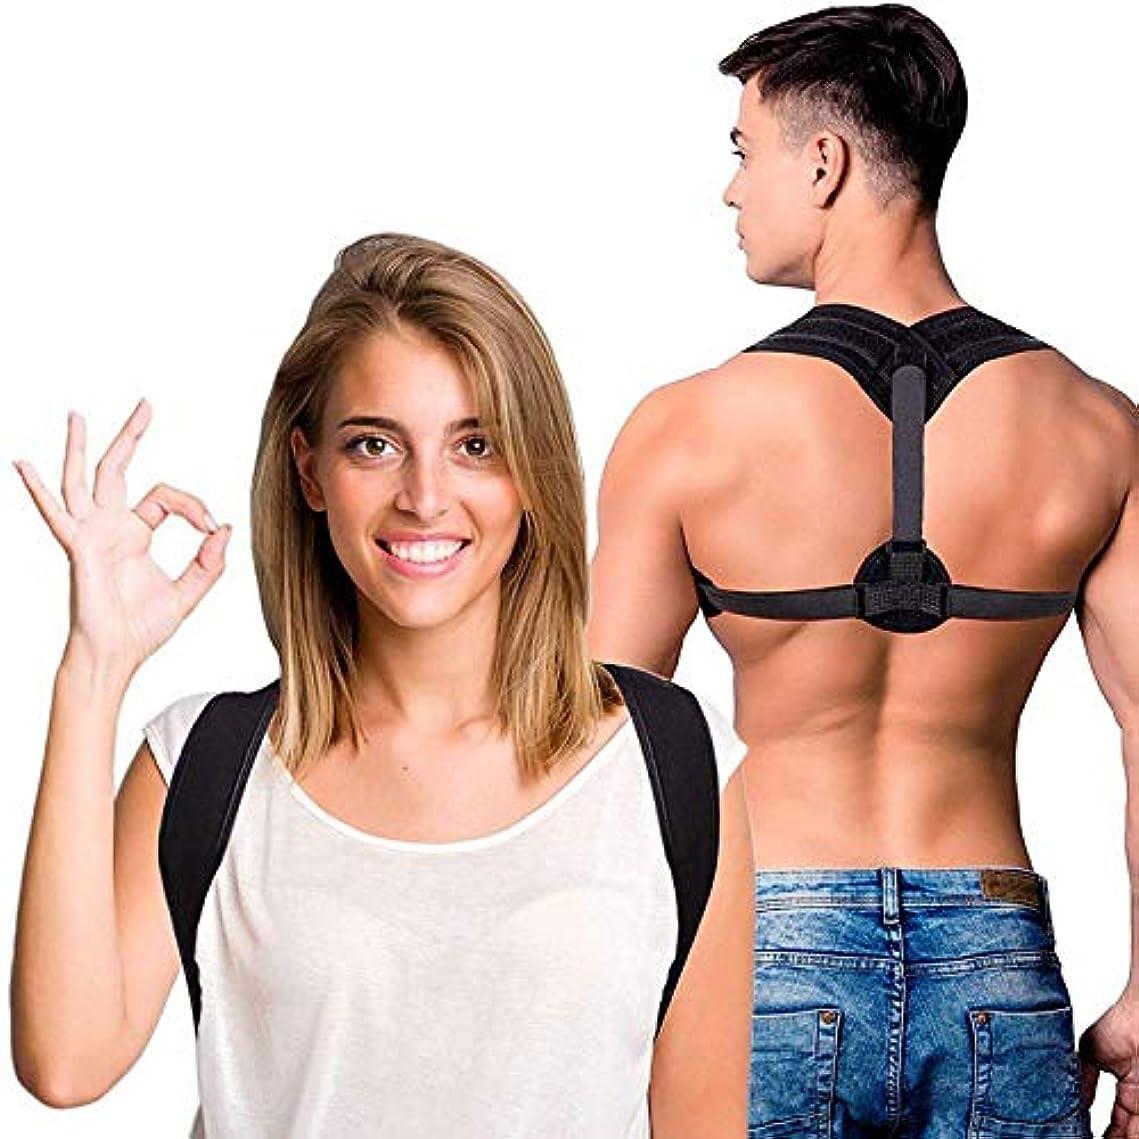 JYSD 女性の男性のための姿勢補正バックブレースは普遍的な快適な完全に調整可能な脊椎補正鎖骨サポートを改善悪い姿勢を改善